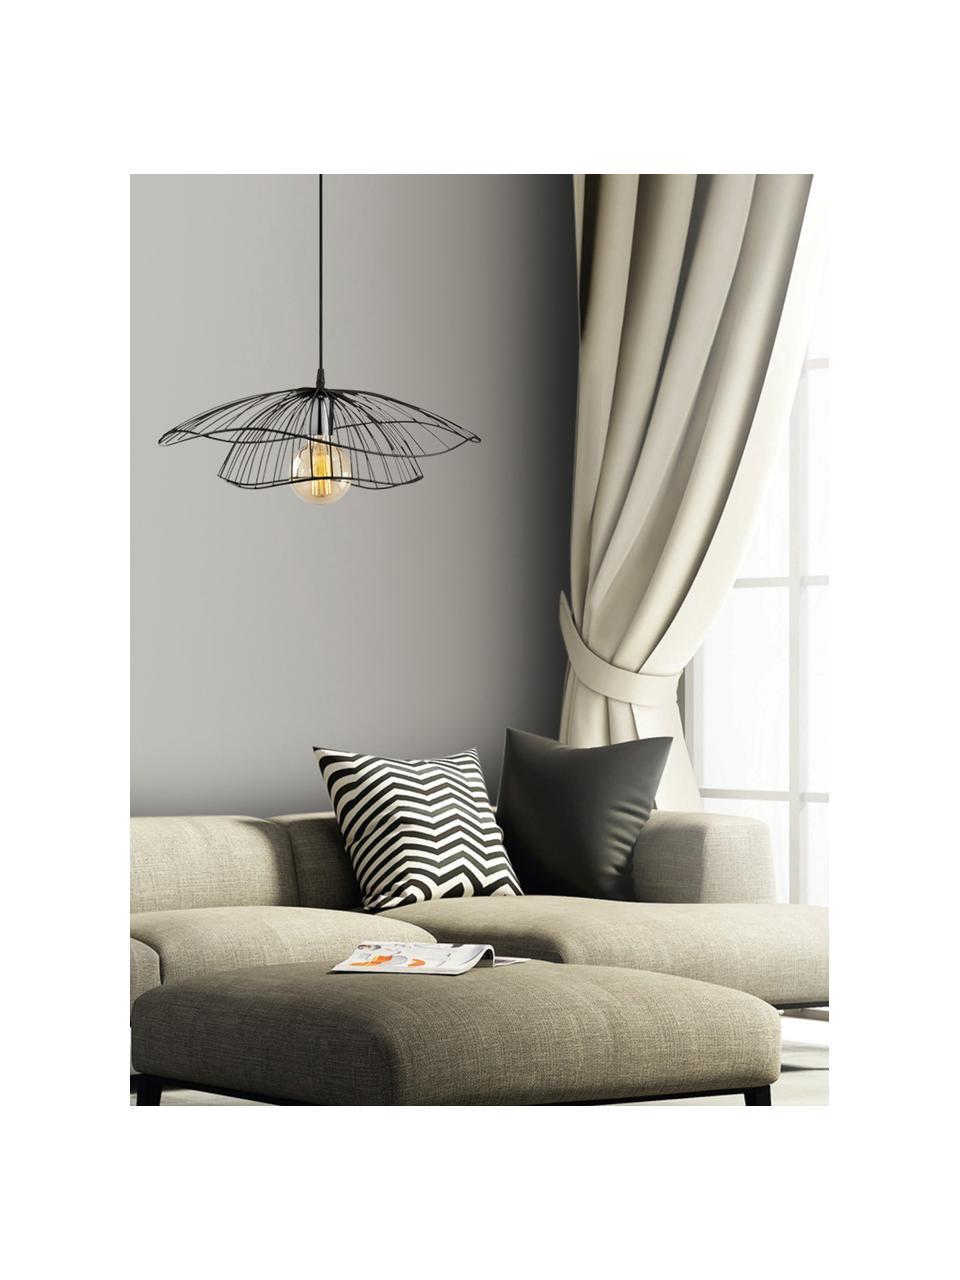 Pendelleuchte Tel aus Metall, Lampenschirm: Metall, beschichtet, Baldachin: Metall, beschichtet, Schwarz, Ø 50 x H 14 cm